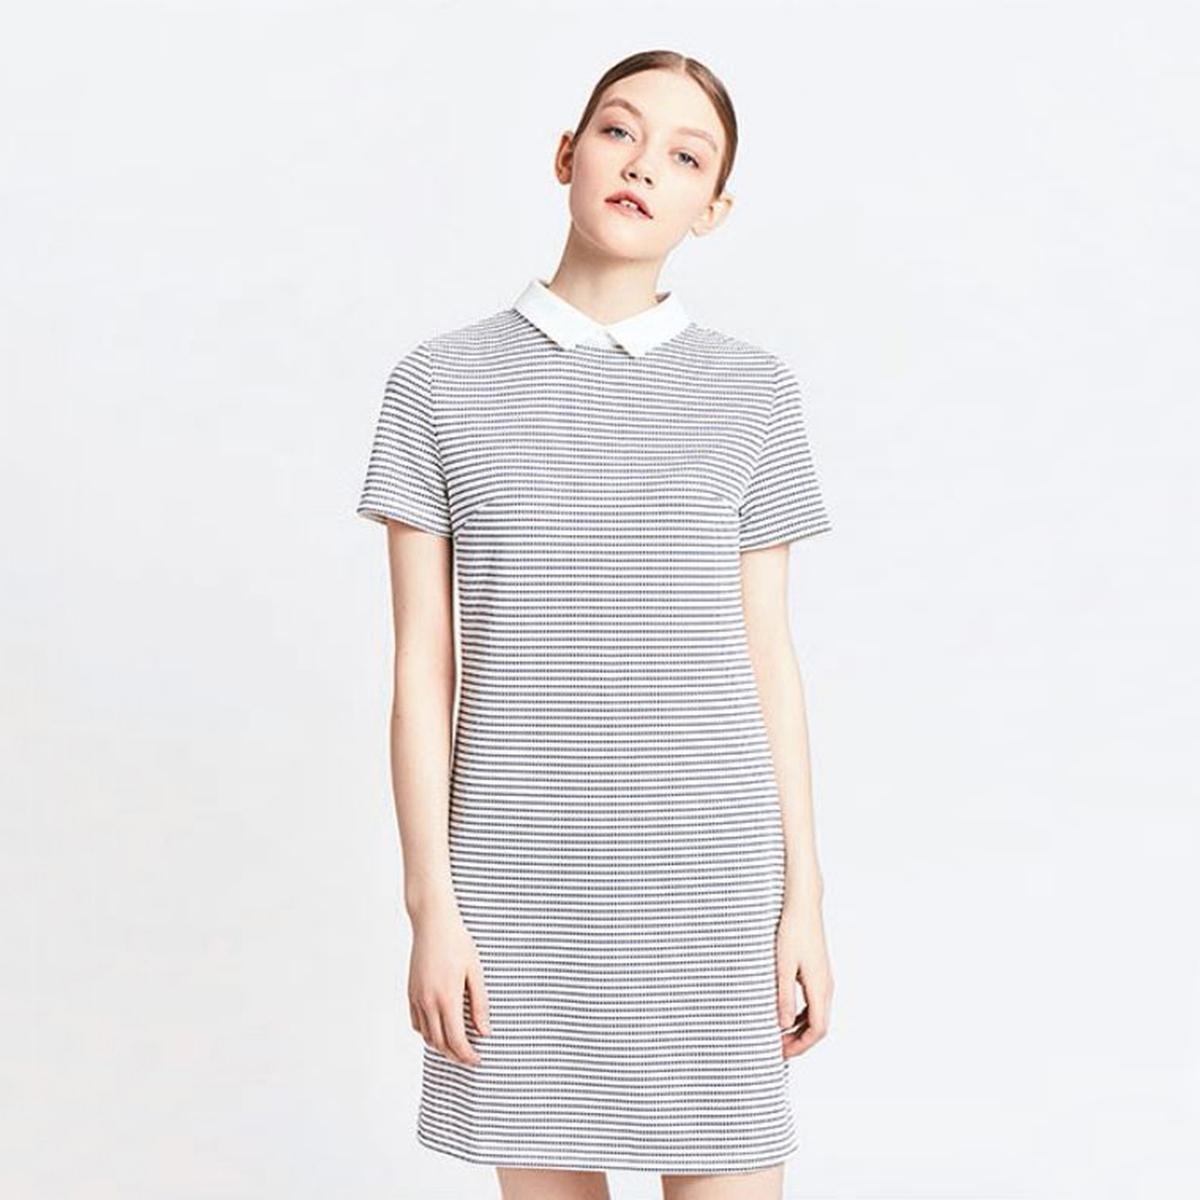 Платье прямое в полоску, короткие рукава, закругленный отложной воротникМатериал : 100% полиэстер  Длина рукава : короткие рукава  Форма воротника : воротник-поло, рубашечный Покрой платья : платье прямого покроя      Рисунок : в полоску   Длина платья : короткое<br><br>Цвет: в полоску синий/белый